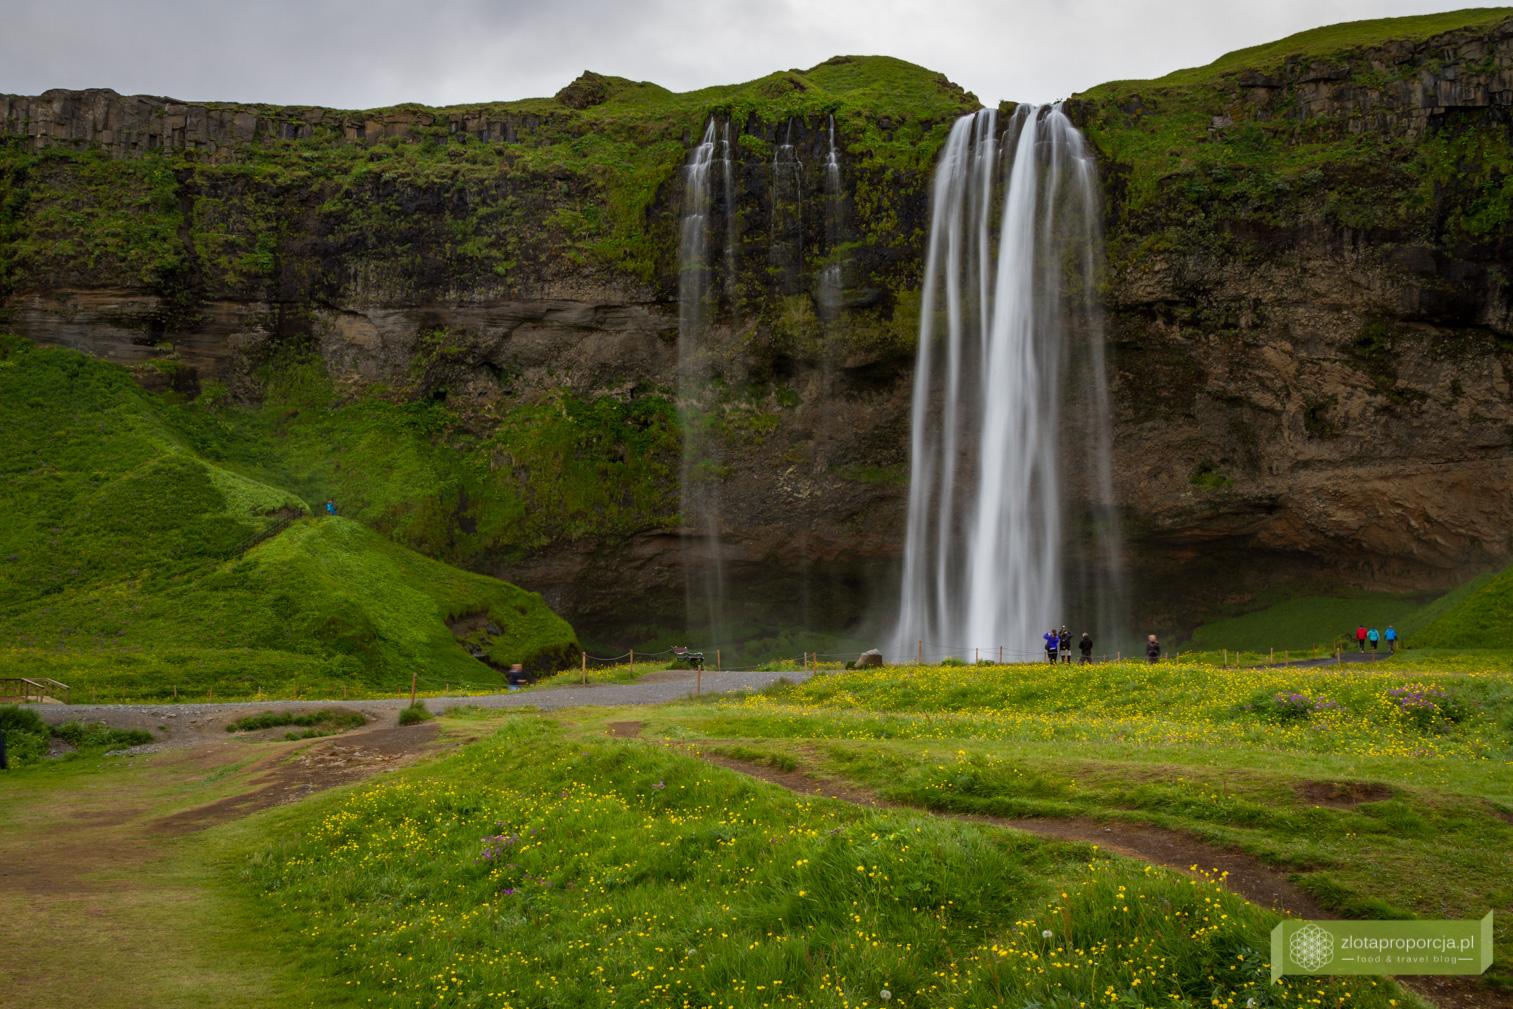 wodospad Seljalandsfoss, Południowo-zachodnia Islandia, Islandia, Islandia atrakcje, wodospady na Islandii, Islandia ciekawe miejsca